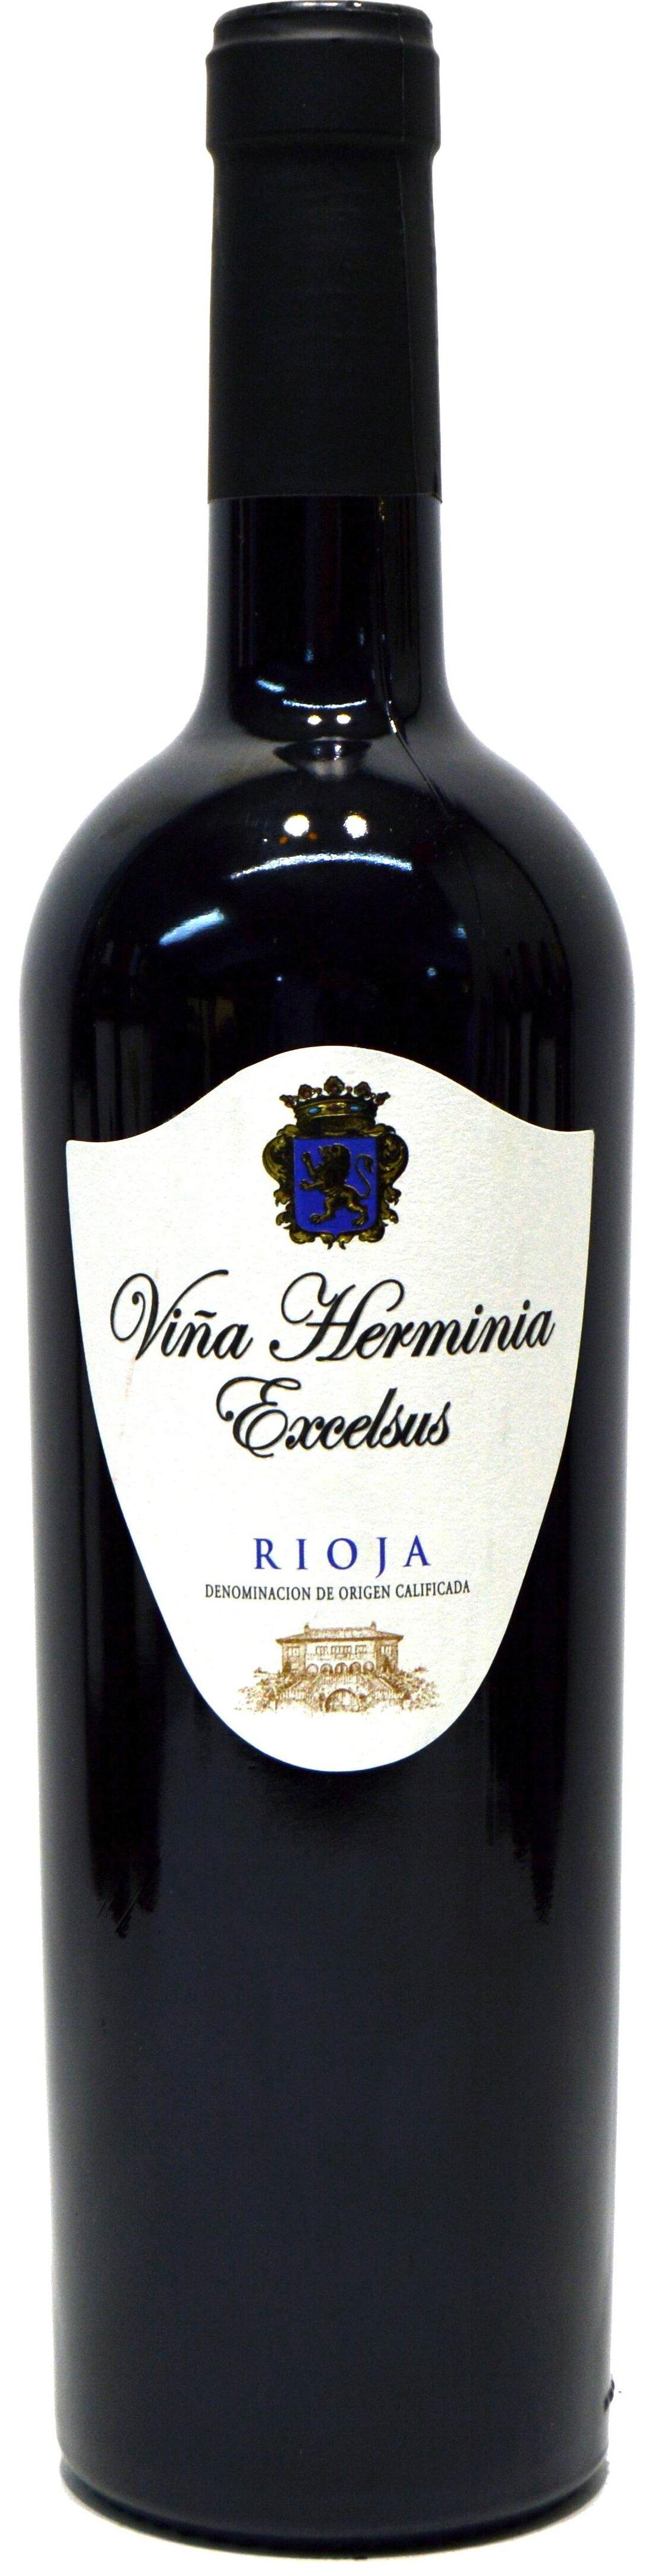 Vina Herminia Excelsus, Rioja DOC